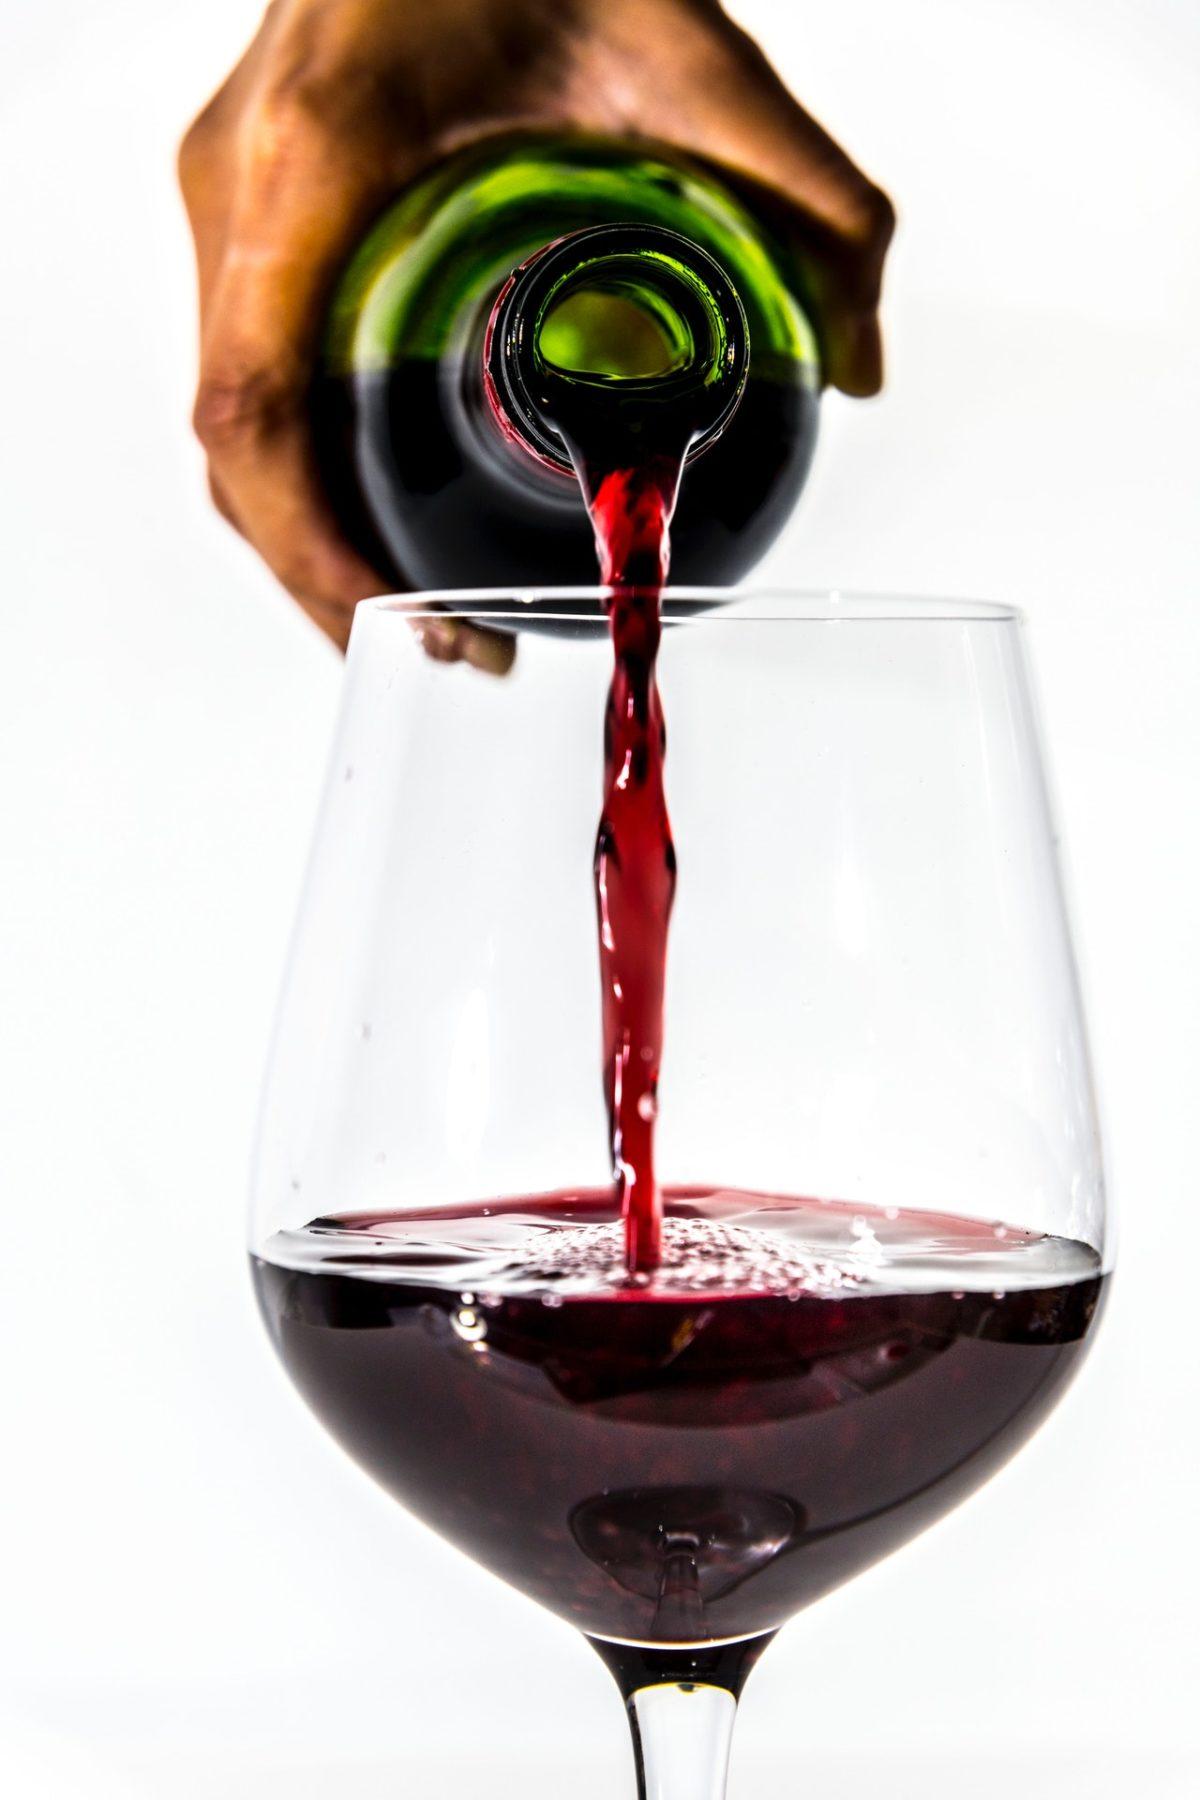 Past alcoholgebruik in een gezonde leefstijl?